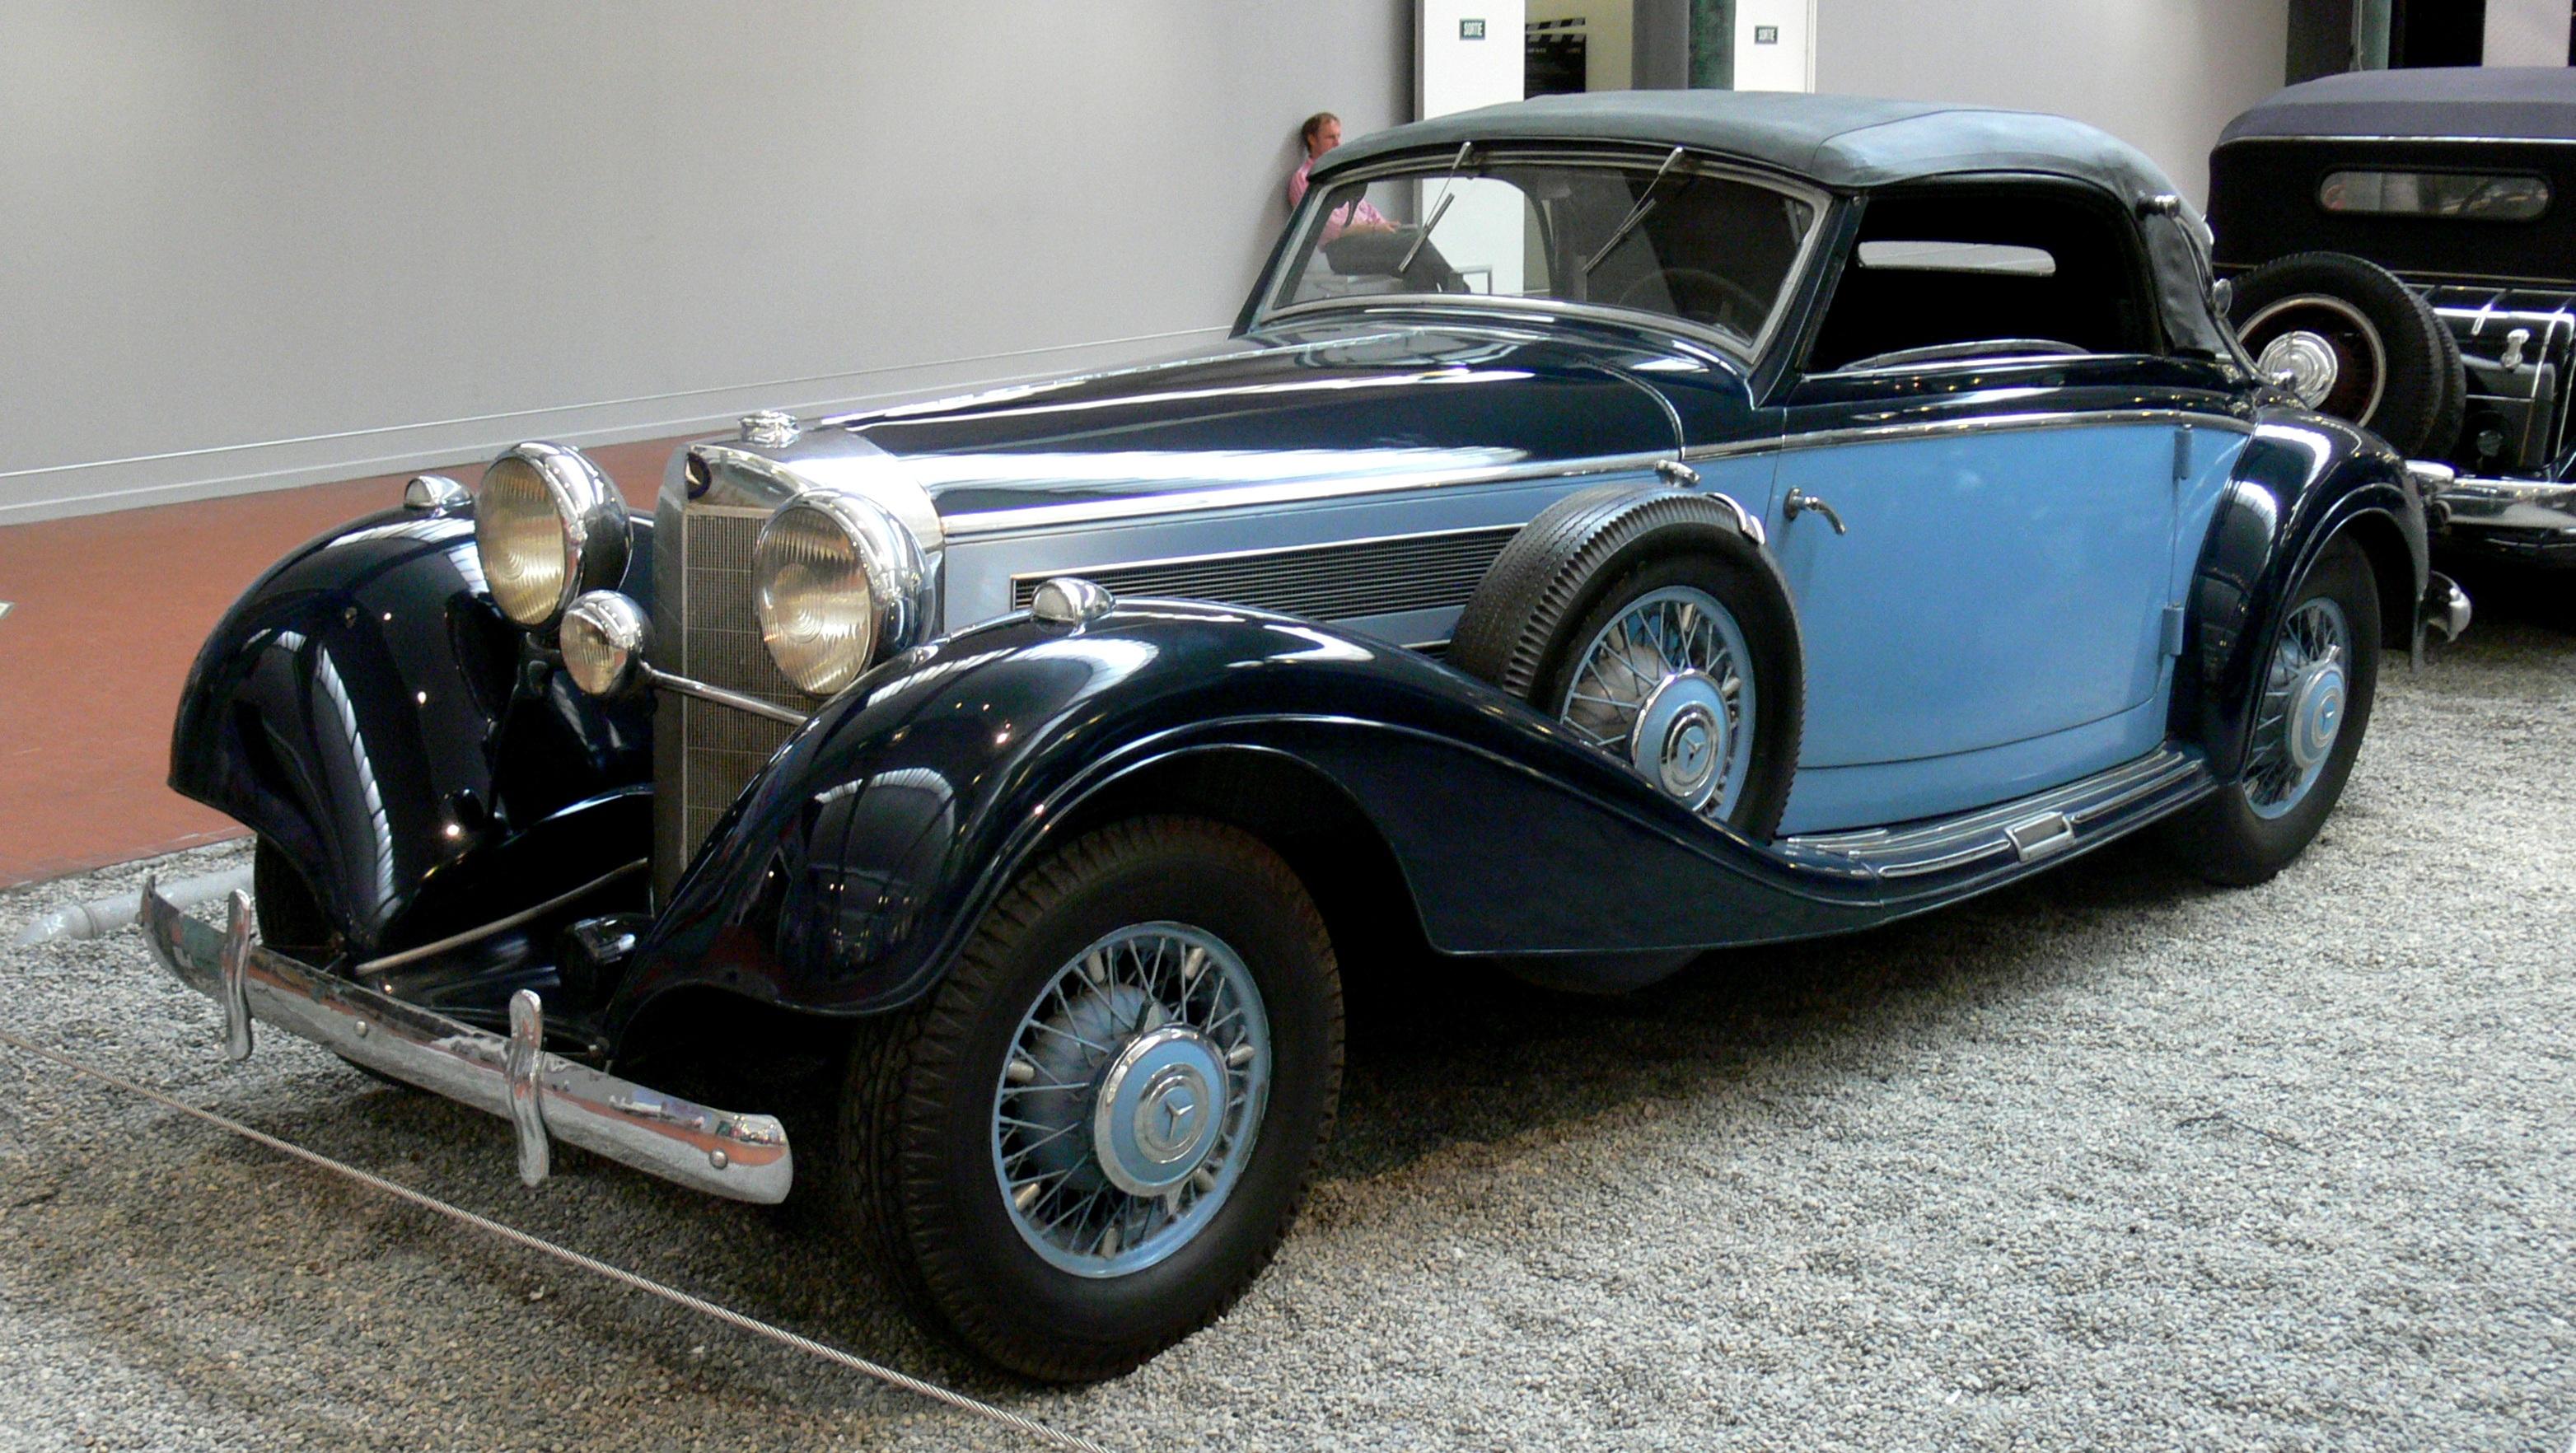 Vintage Mercedes Benz Car Cabriolet 1938 Free Image